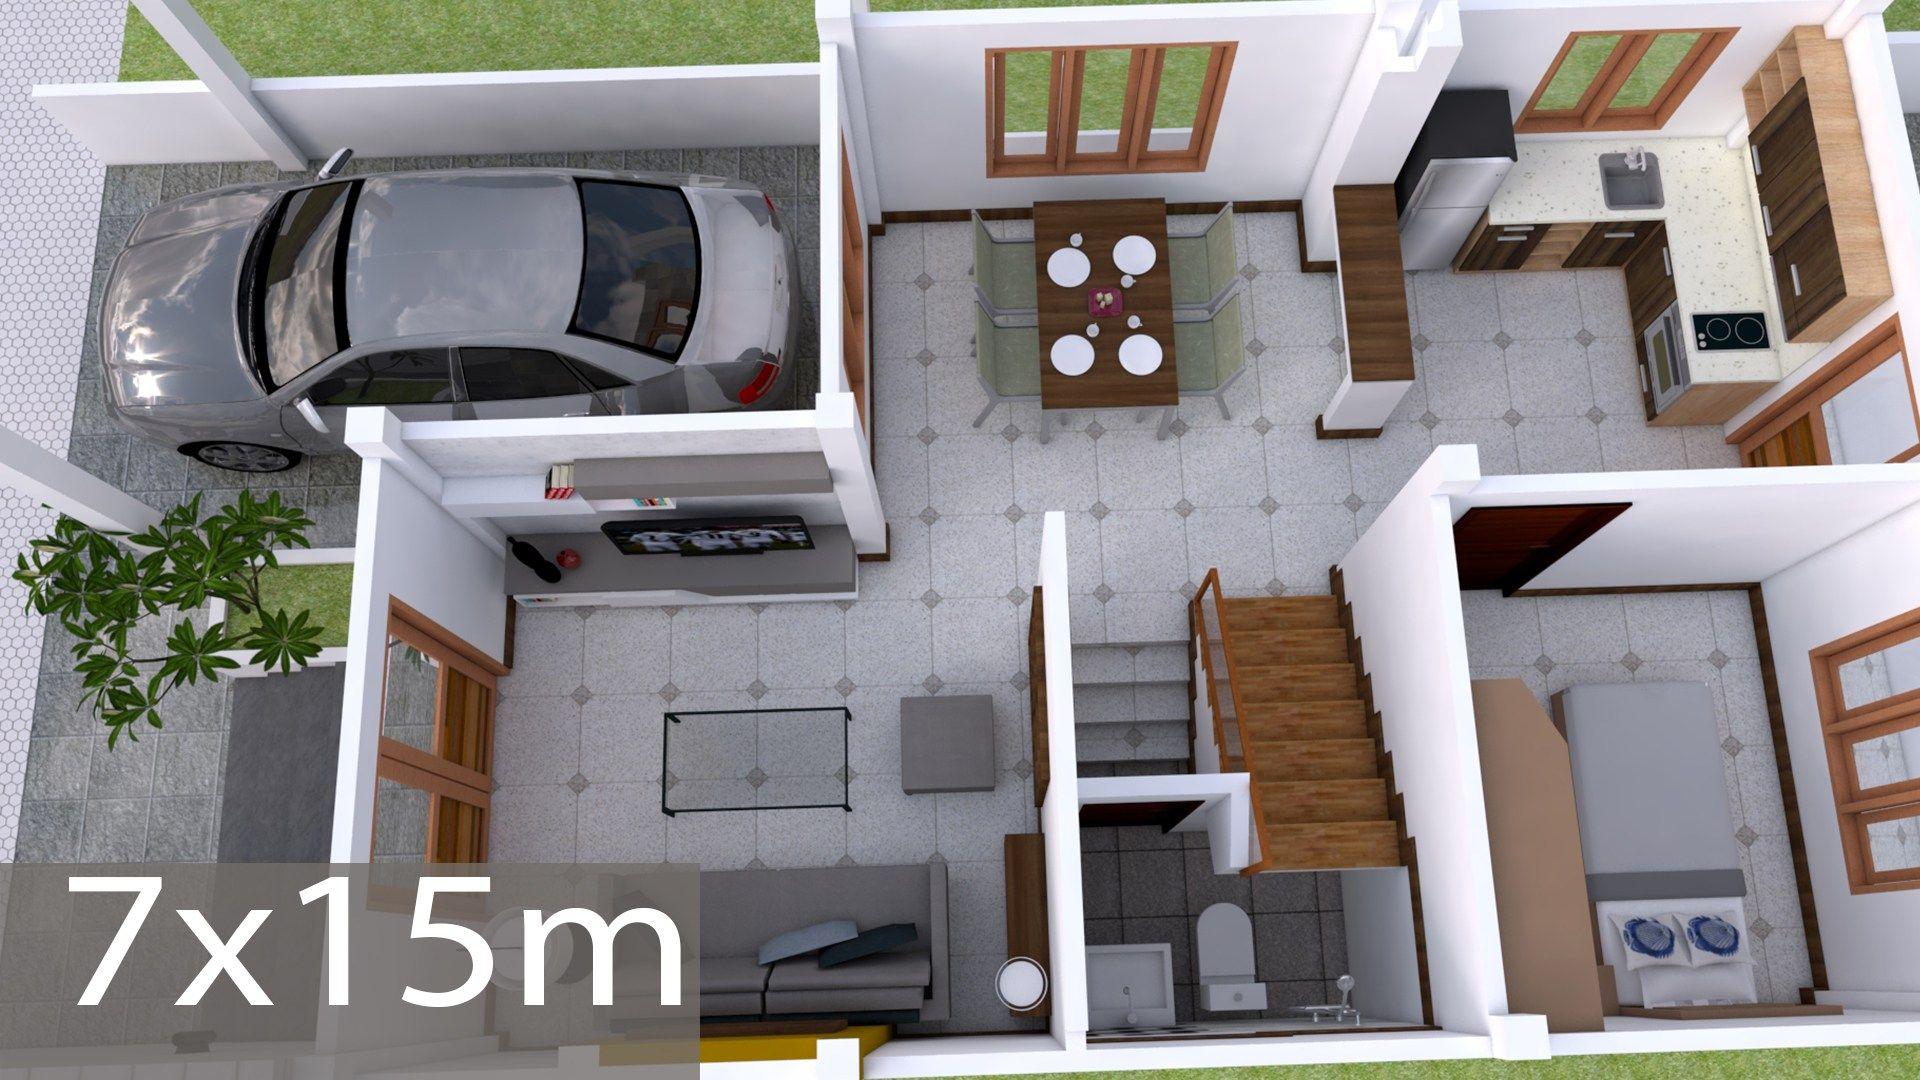 Interior Design Plan 7x15m Walk Through With Full Plan 4beds Home Design Plan Small House Design Plans Interior Design Plan